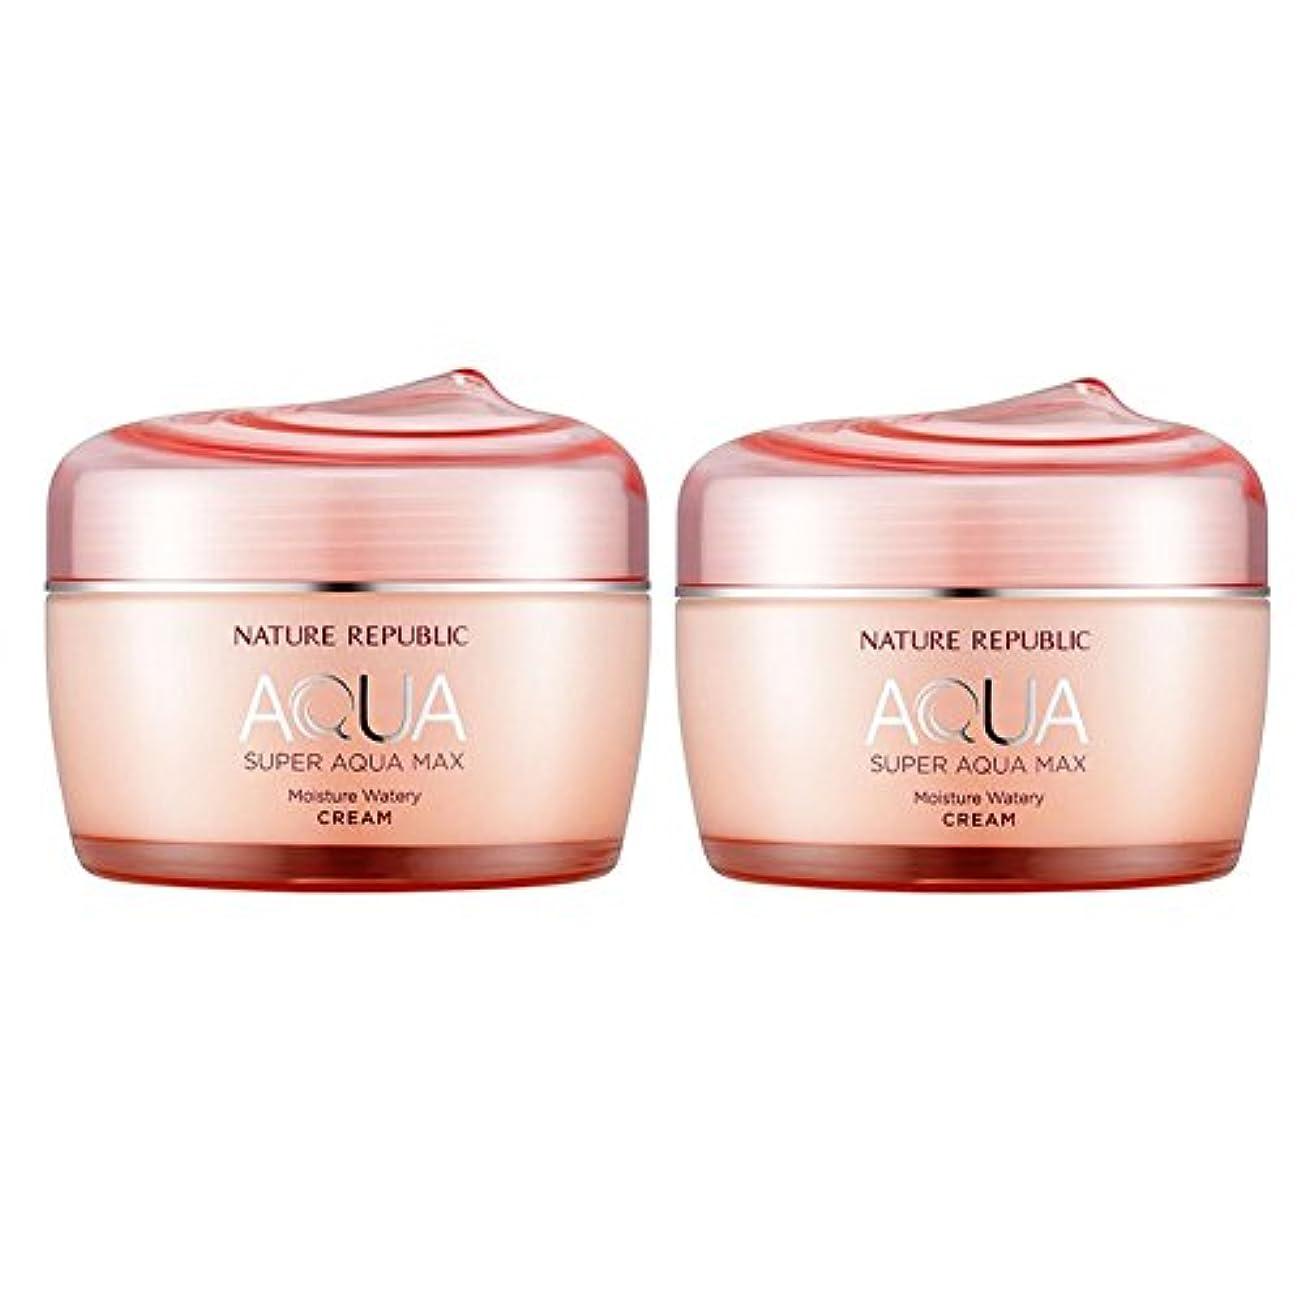 コーンウォール余暇無心ネイチャーリパブリックスーパーアクア?マックスモイスチャー水分クリーム乾性用肌80ml x 2本セット、韓国化粧品 Nature Republic Super Aqua Max Moisture Cream Dry Skin...